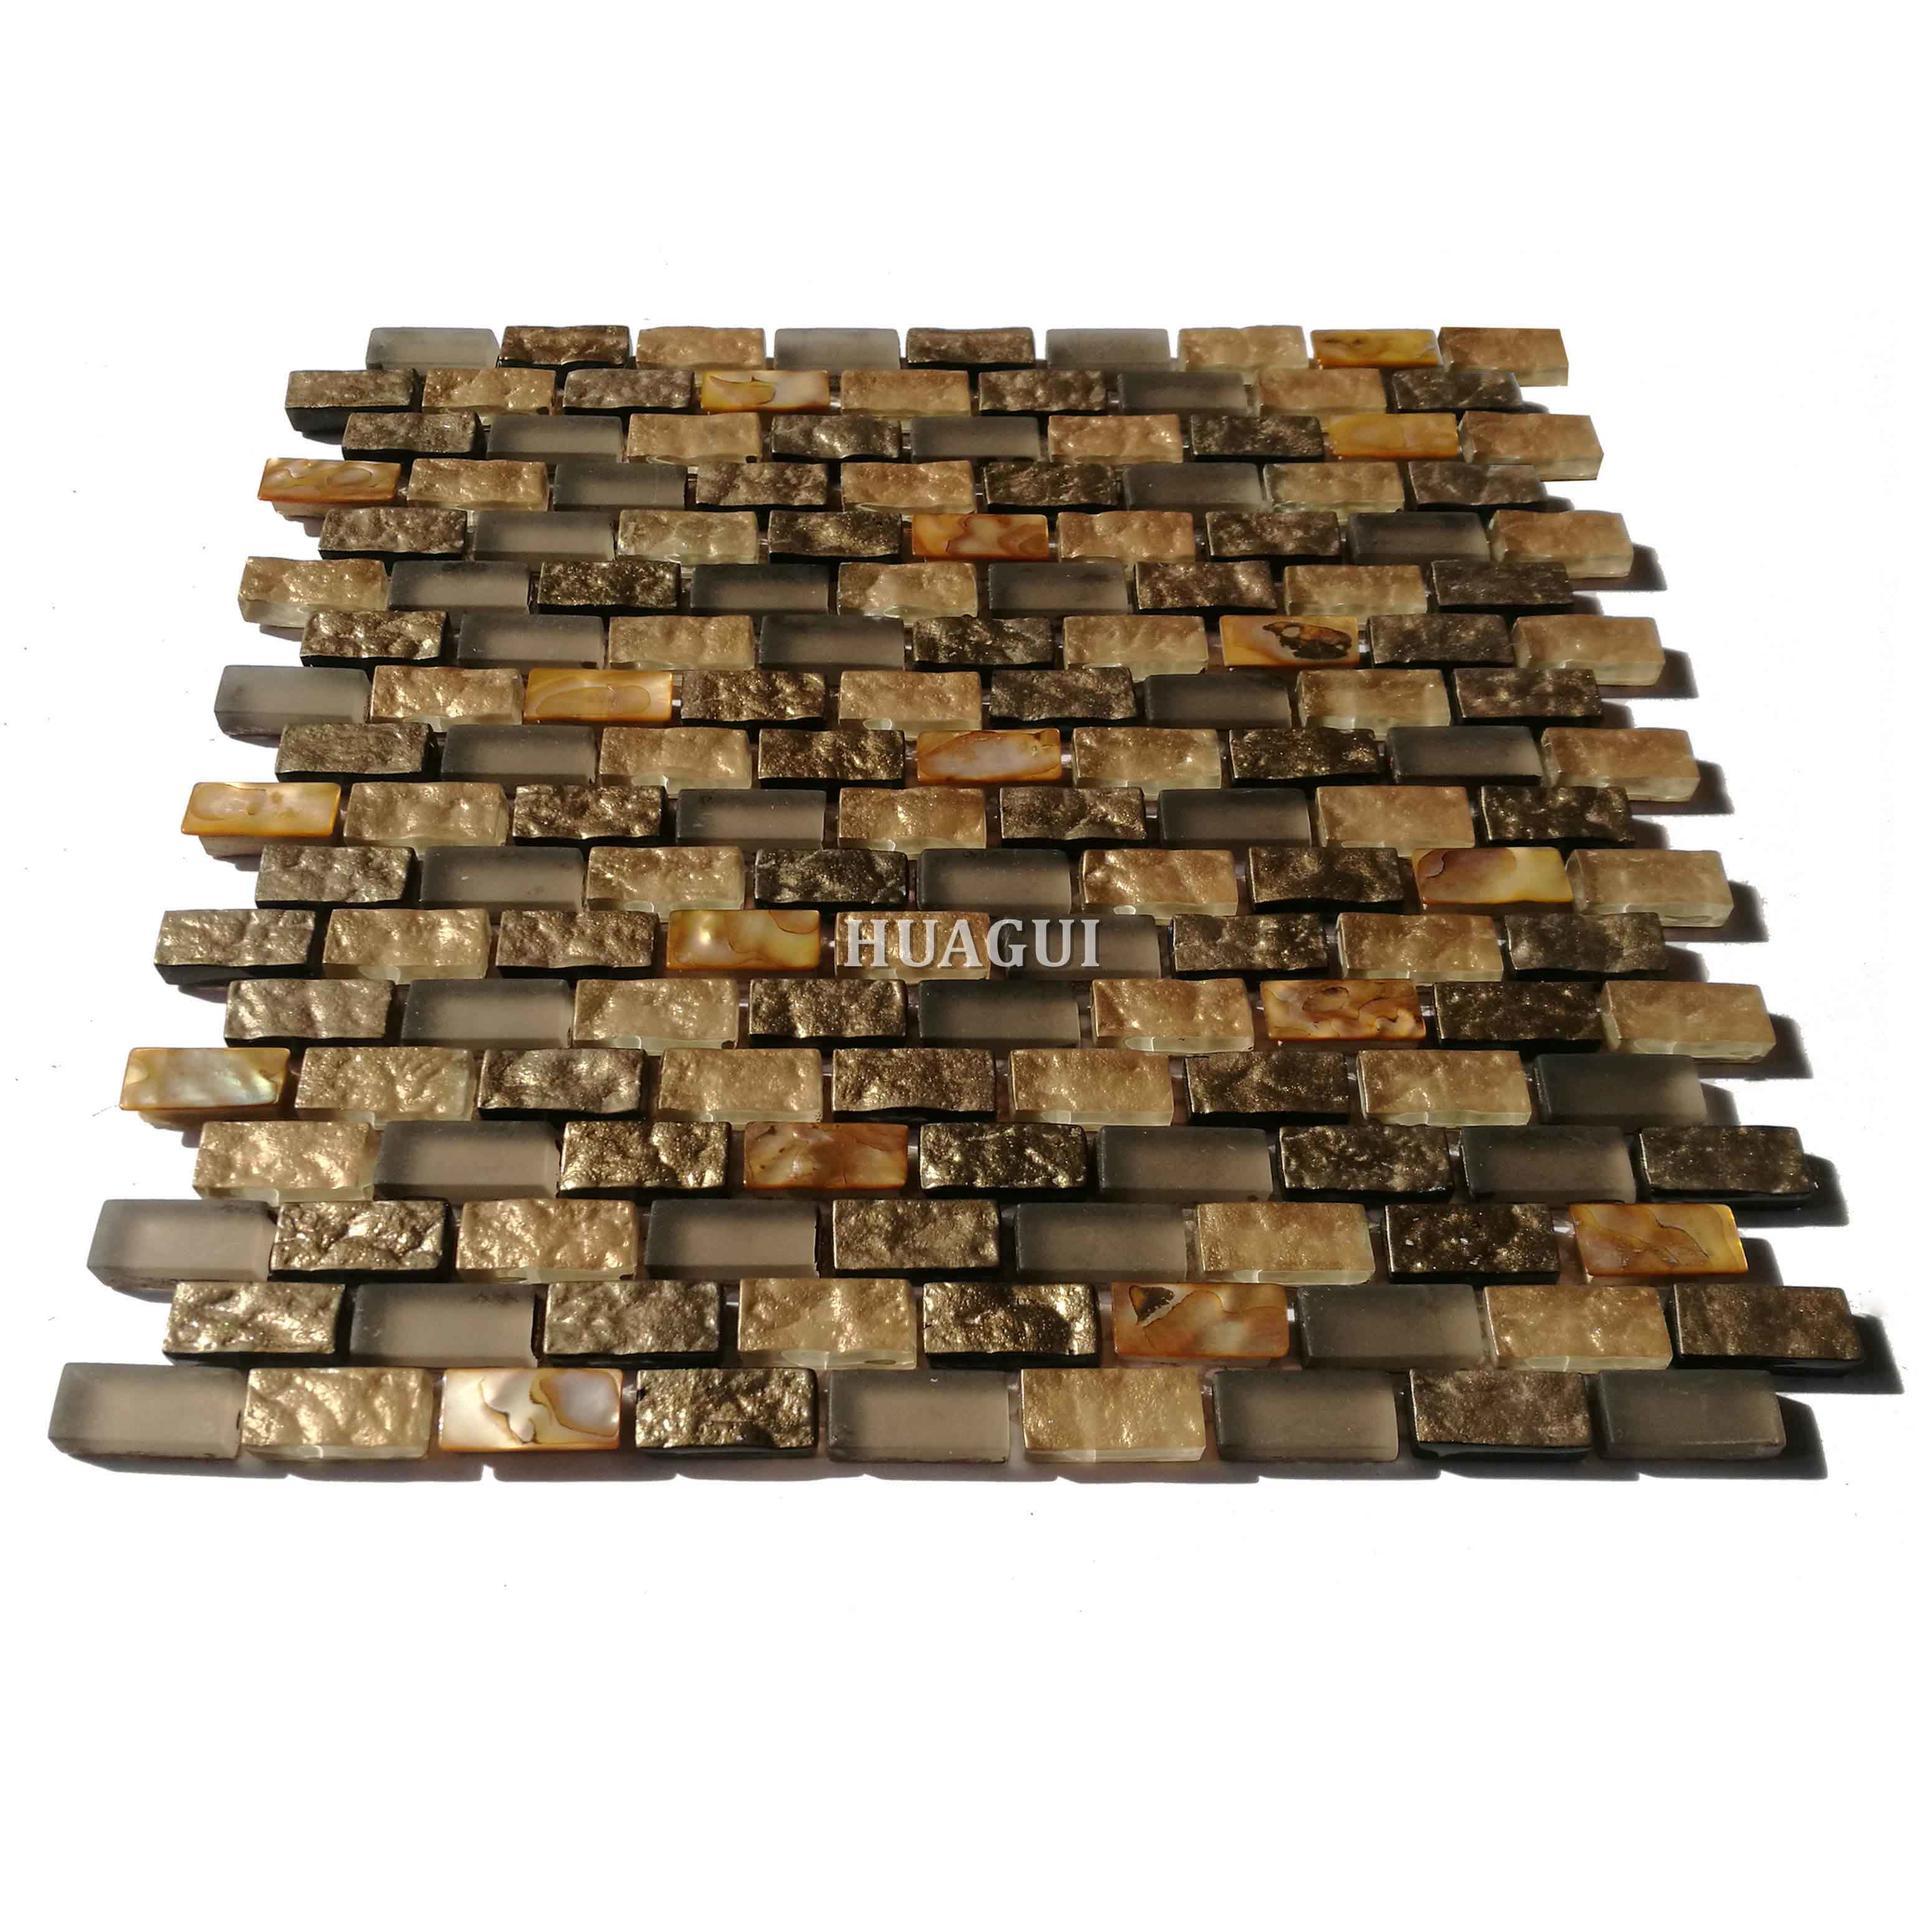 Gold mother of pearl glass mosaic kitchen backsplash tile